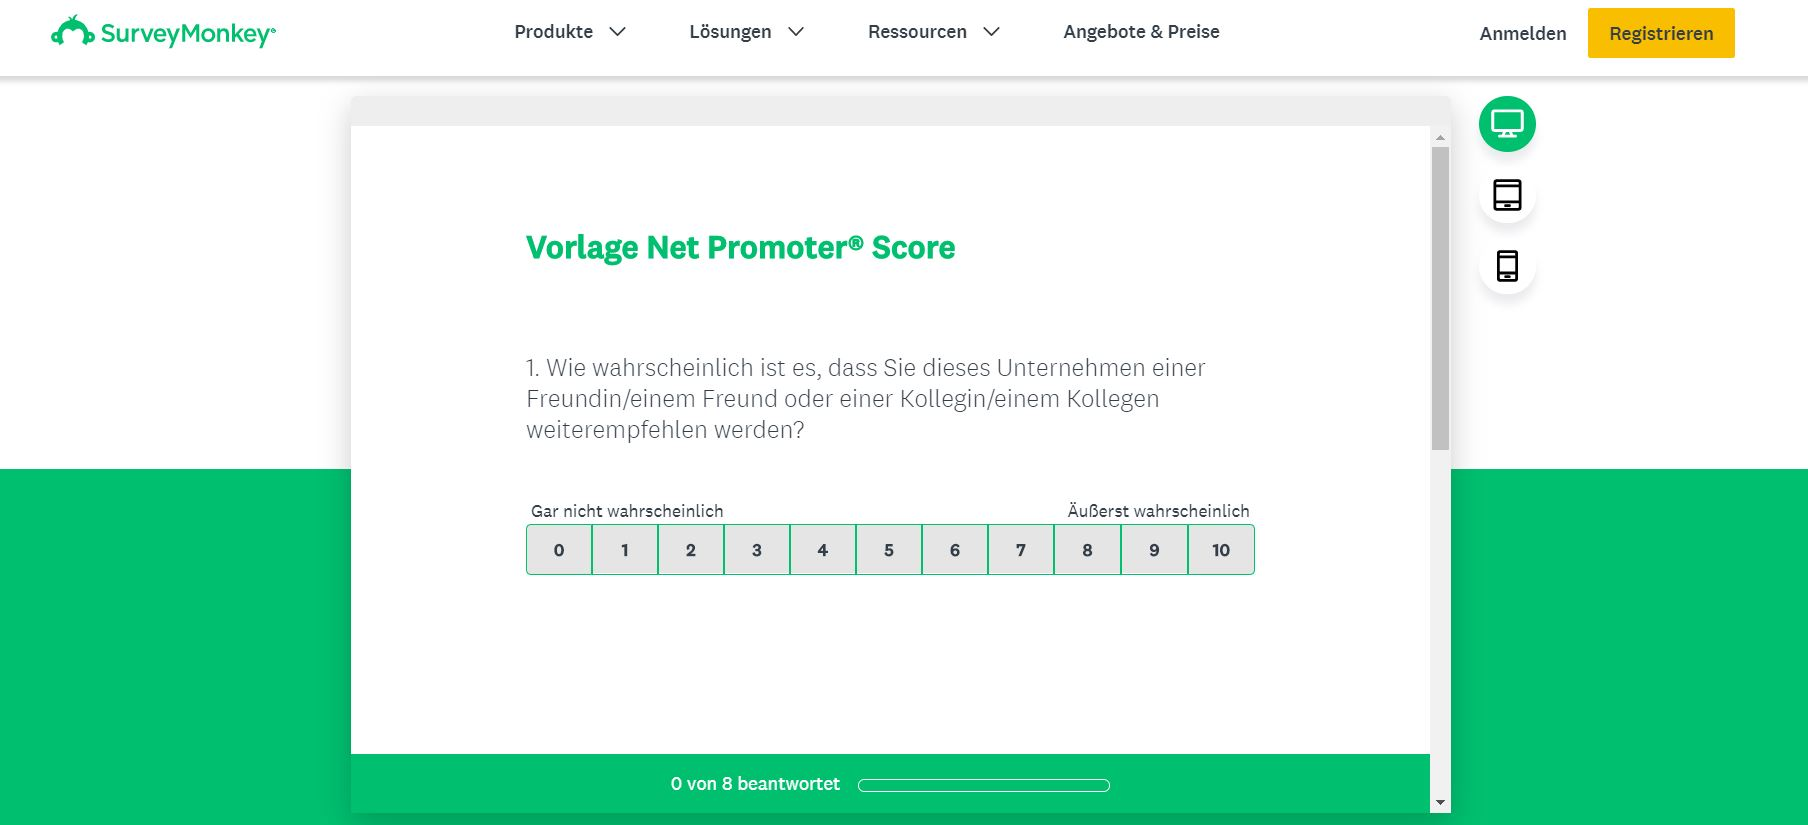 Net Promoter Score Vorlage Survey Monkey